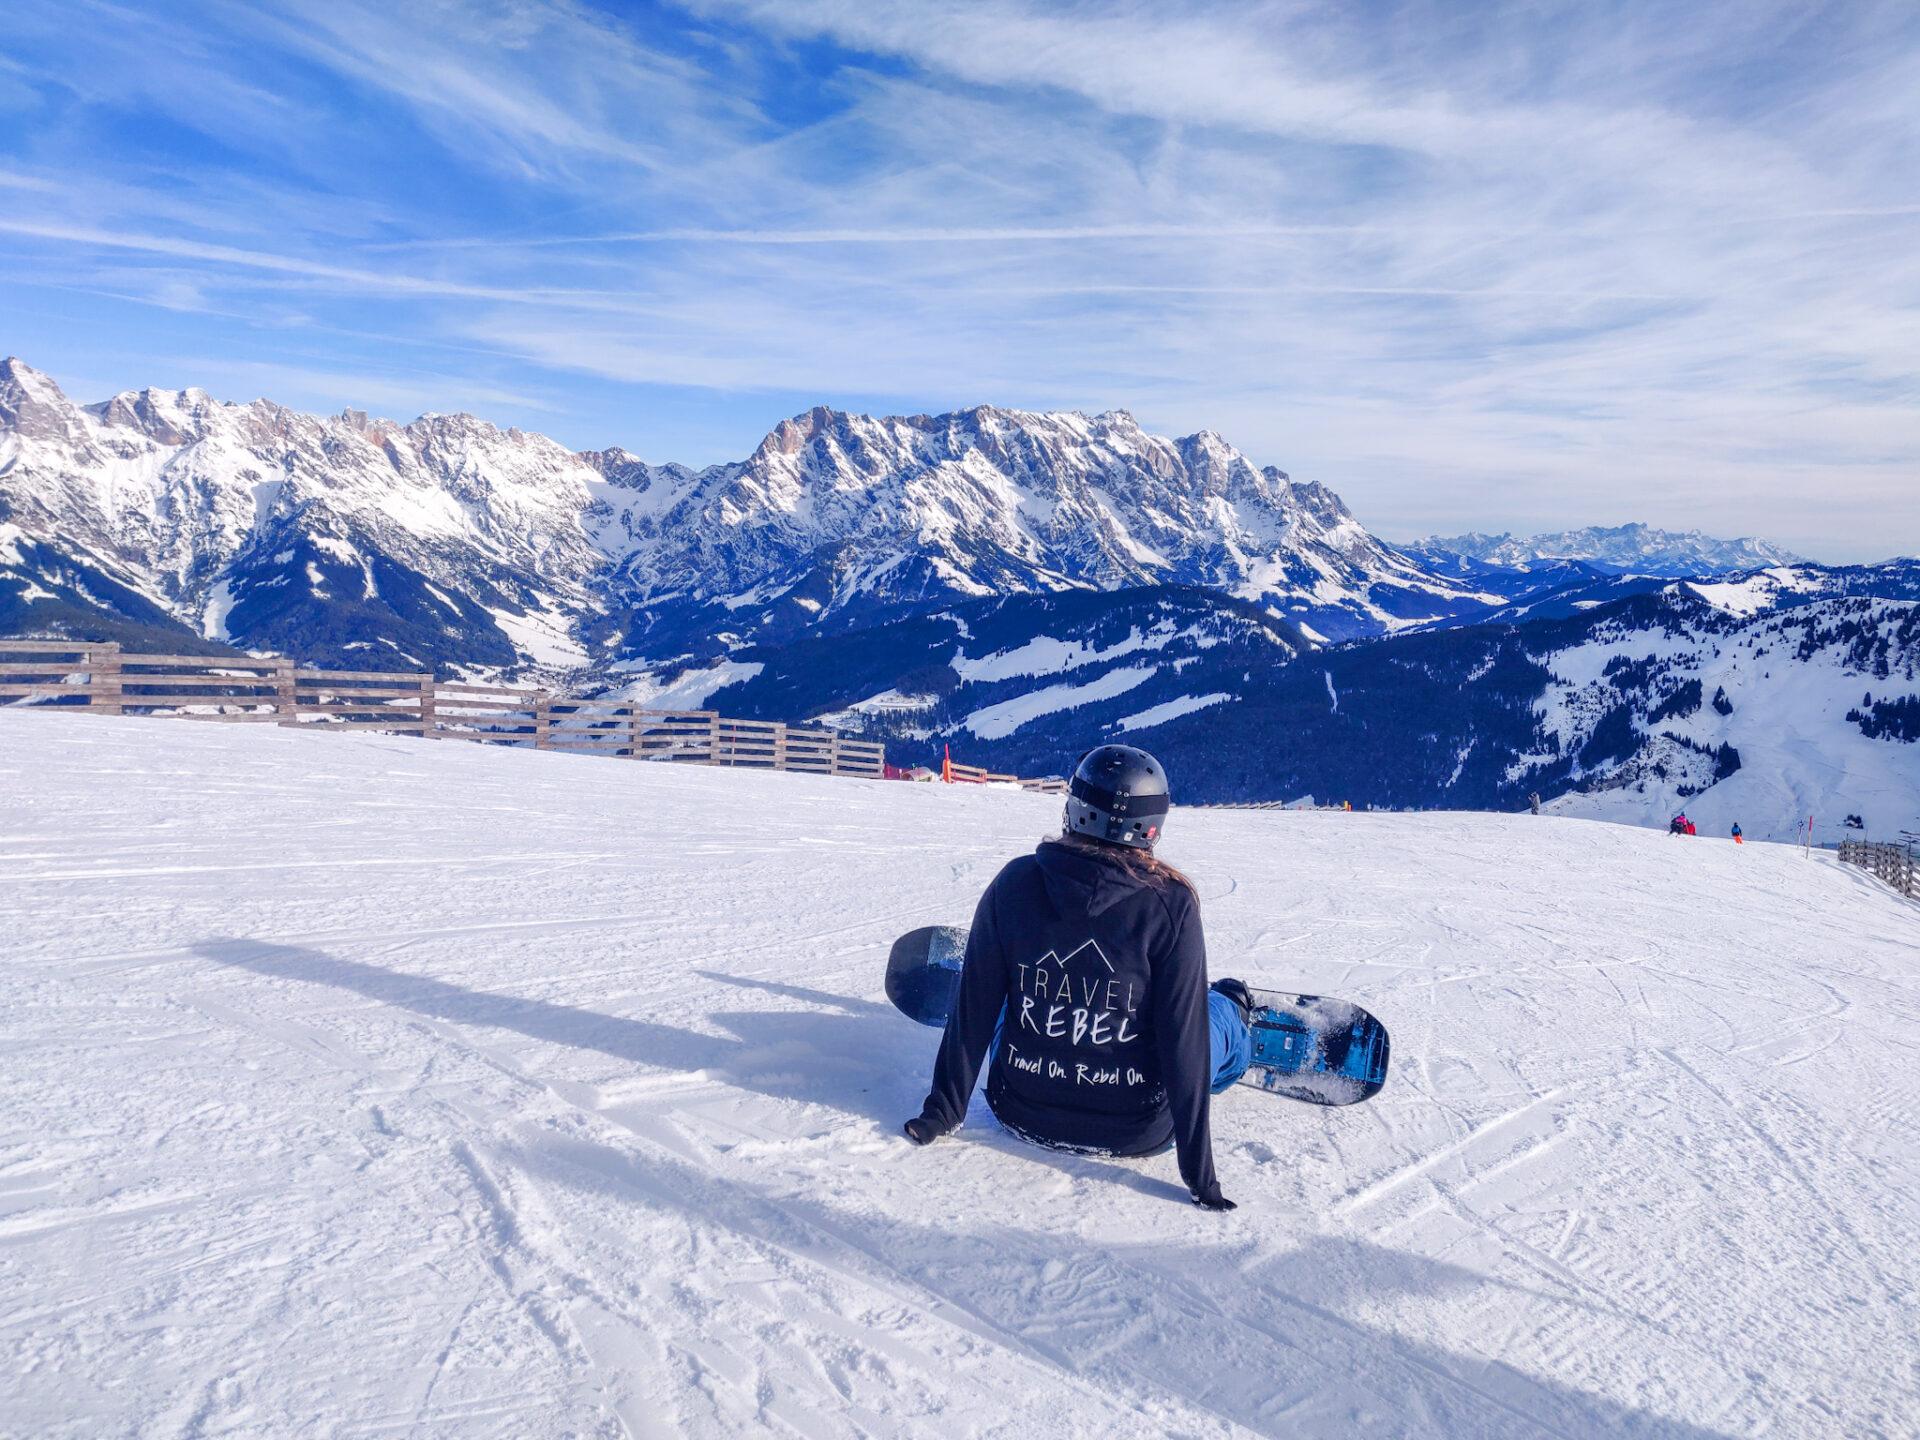 Genieten van bijna lege pistes. Ga buiten het hoogseizoen gaan skiën om duurzamer te reizen.